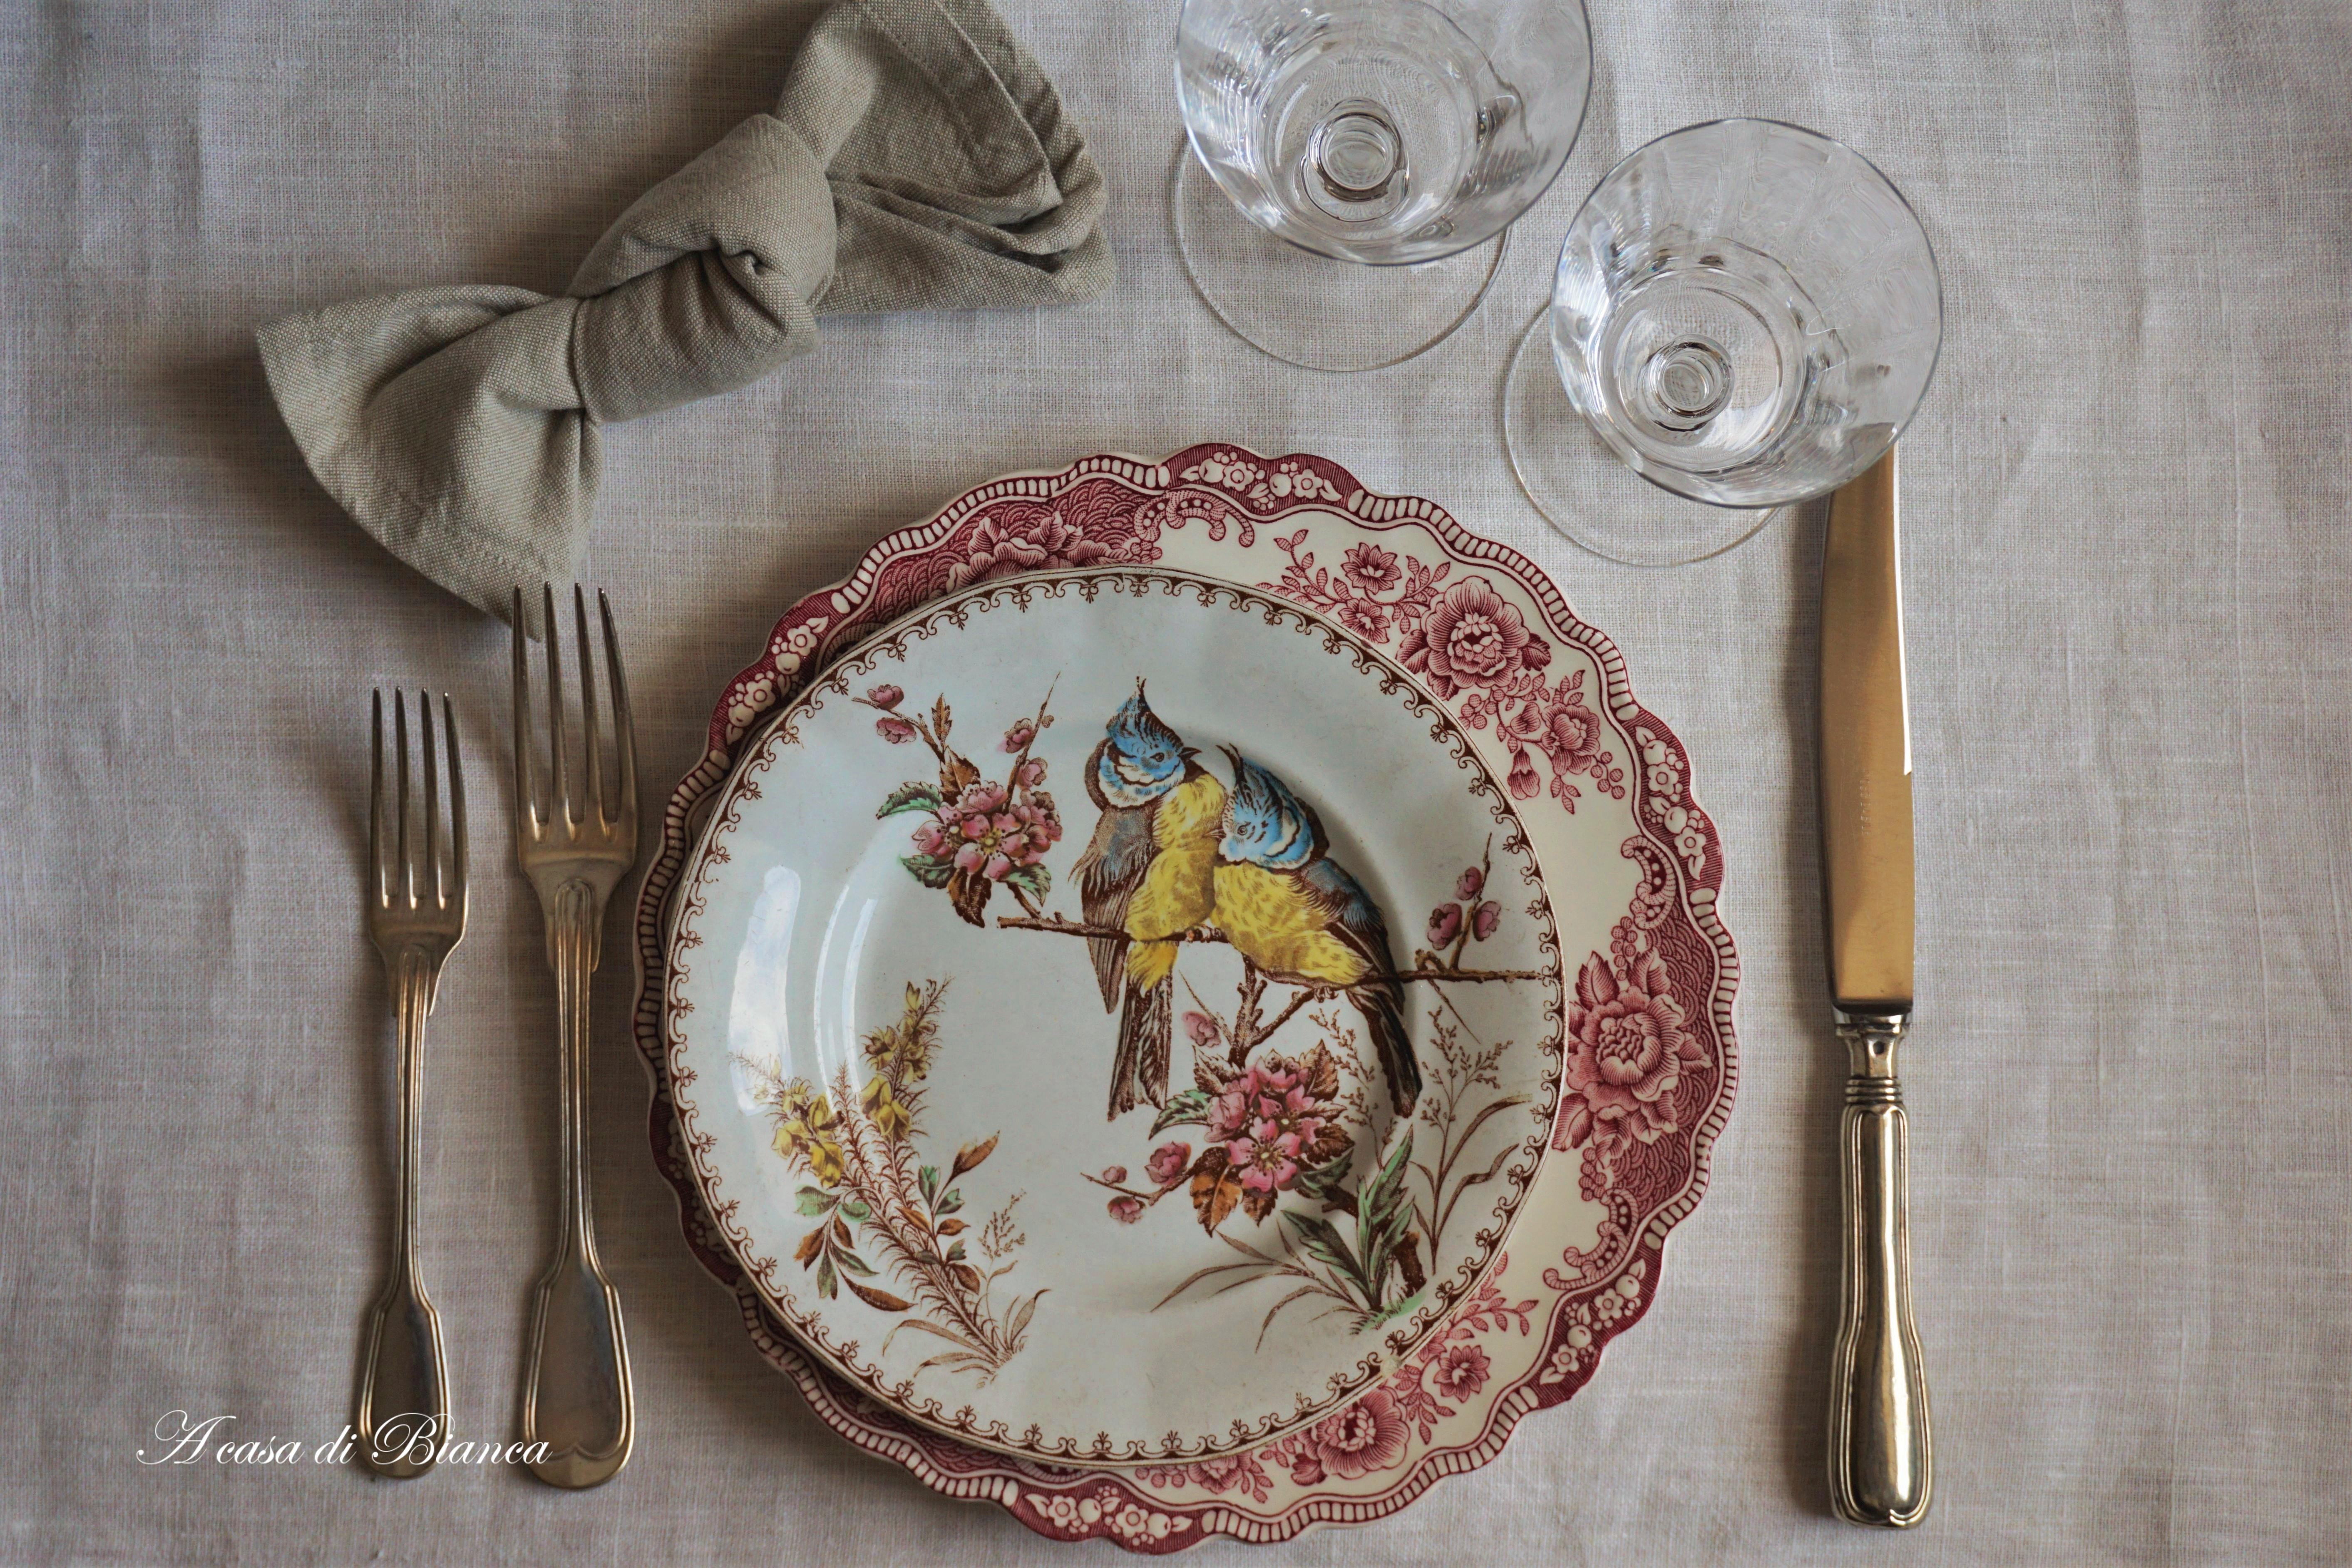 Galateo Tovagliolo A Destra arte della tavola. nuove mode in tavola – a casa di bianca